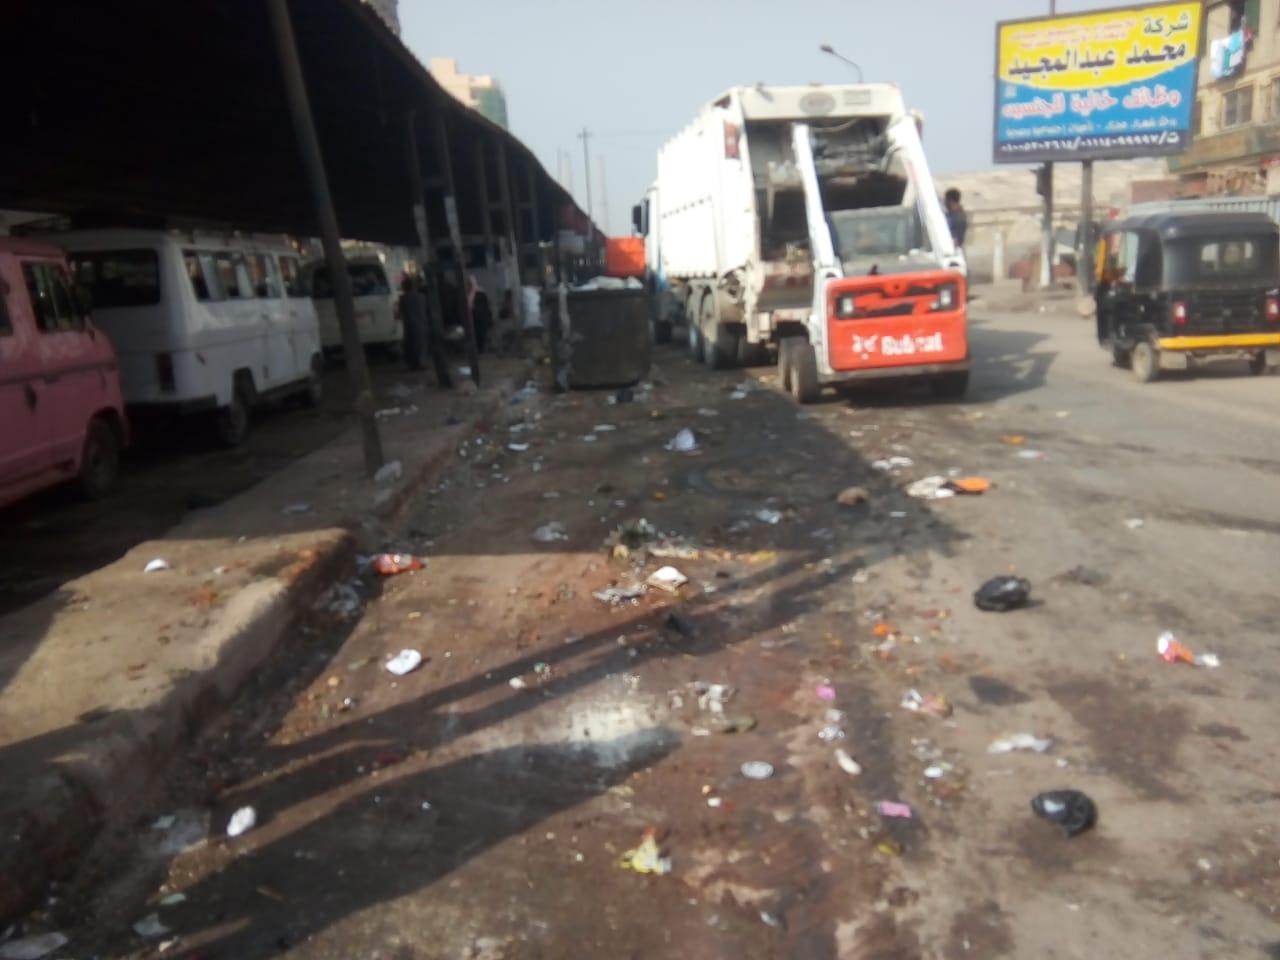 رفع القمامة من شارع عرابى بشبرا الخيمة (20)